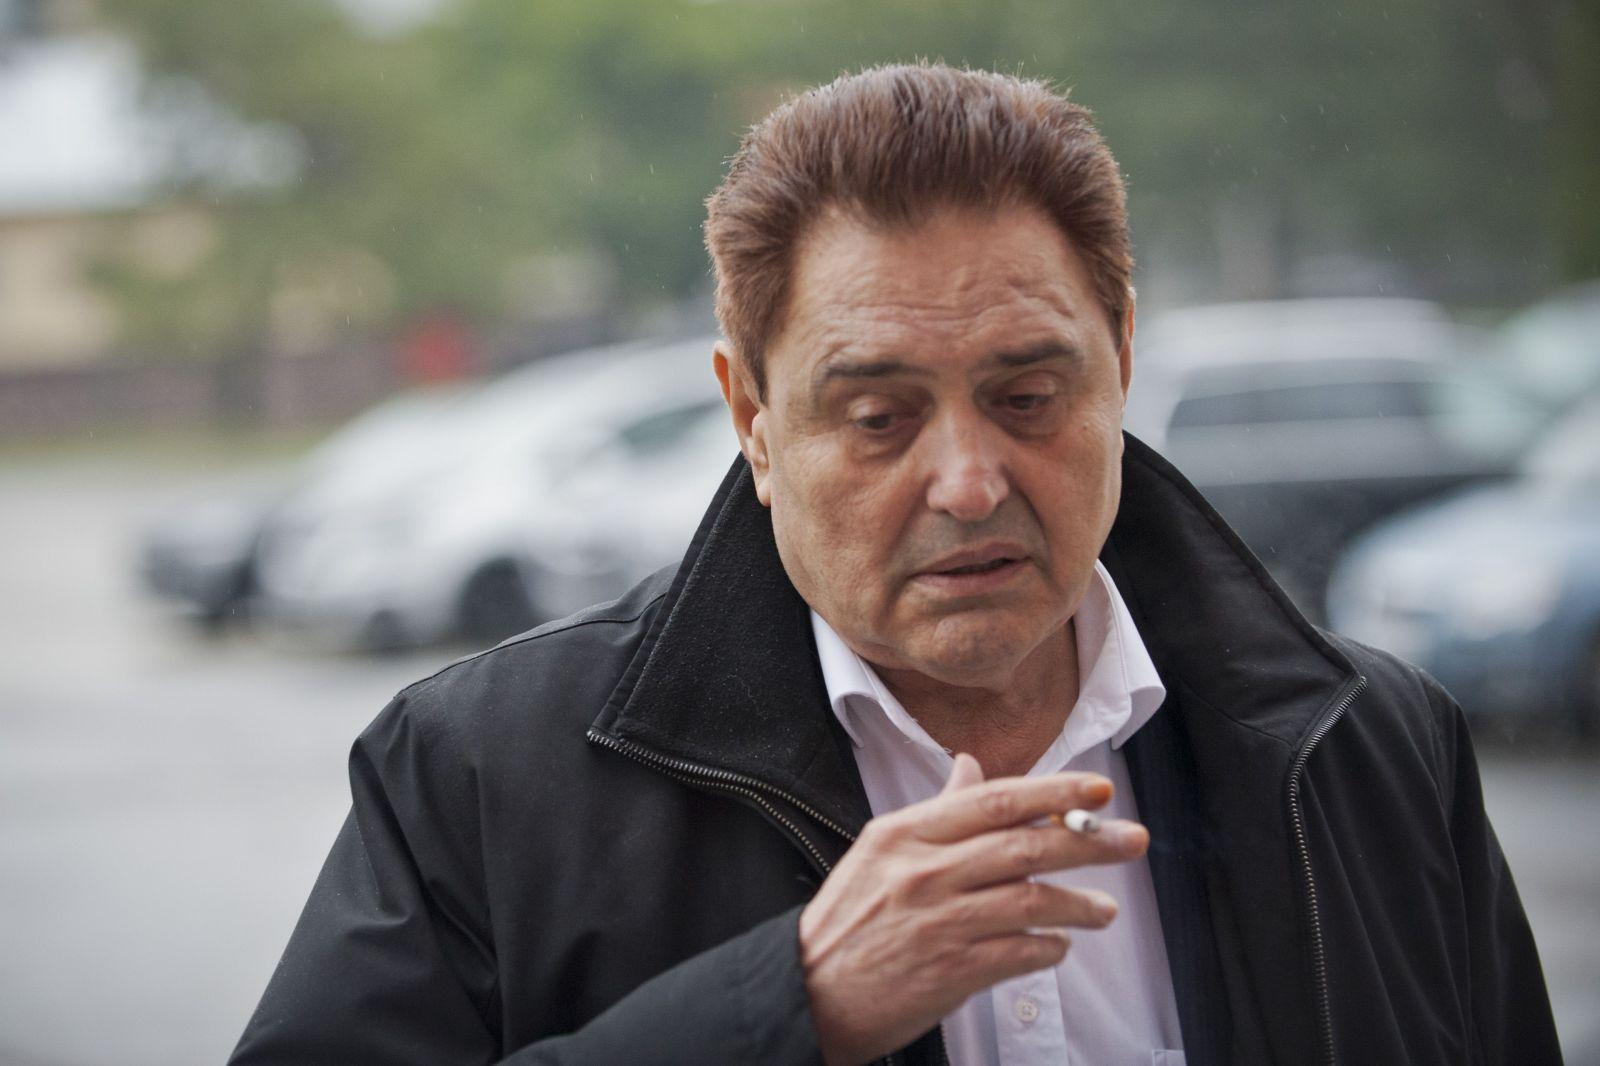 Podnikateľ Jozef Majský napokon nepoputuje do väzby. Rozhodol o tom český súd